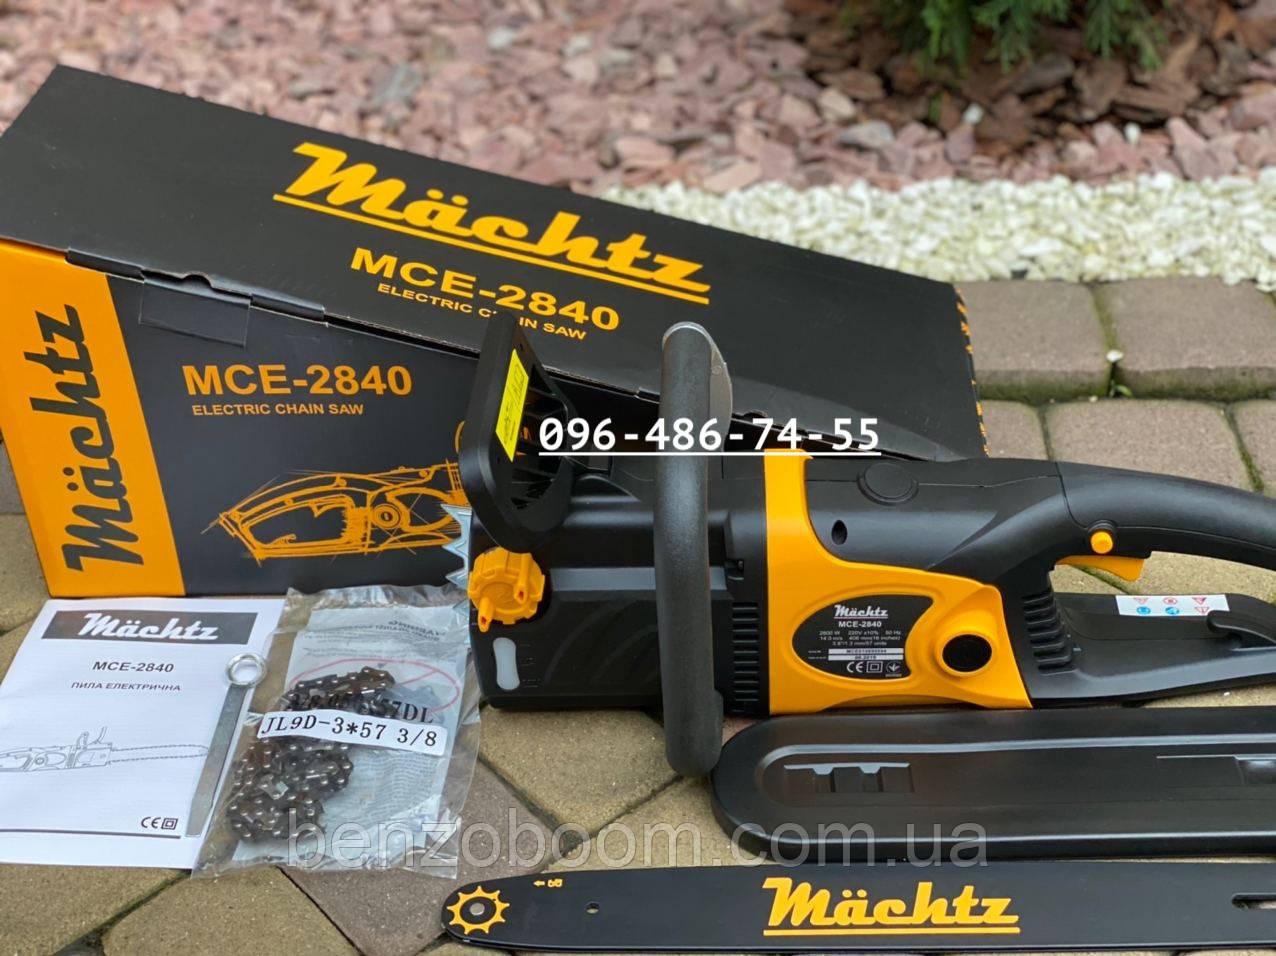 Электрическая пила Machtz MCE-2840 электропила 2.8 кВт